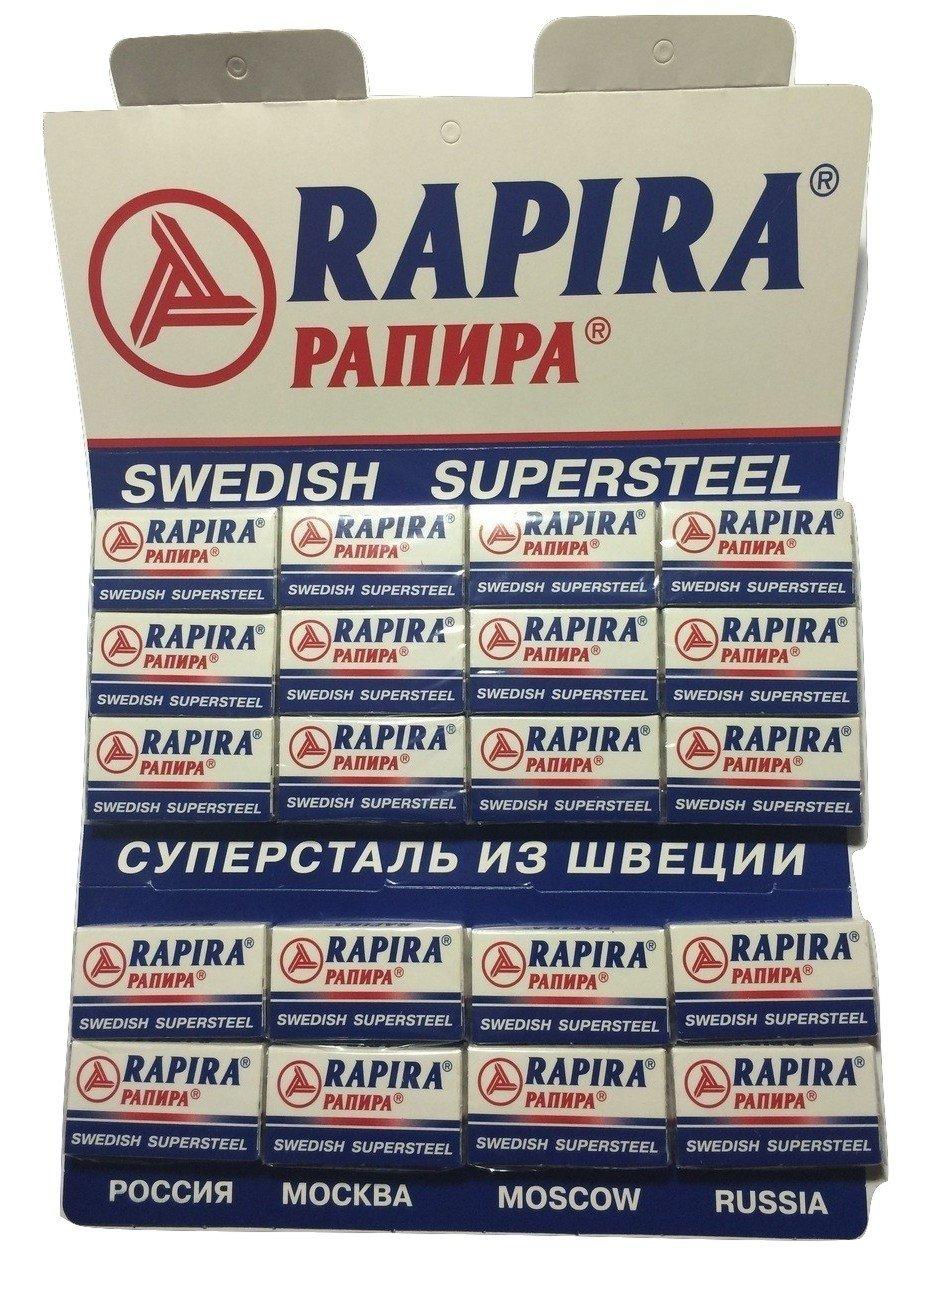 100 Rapira Swedish Super Steel Razor Blades